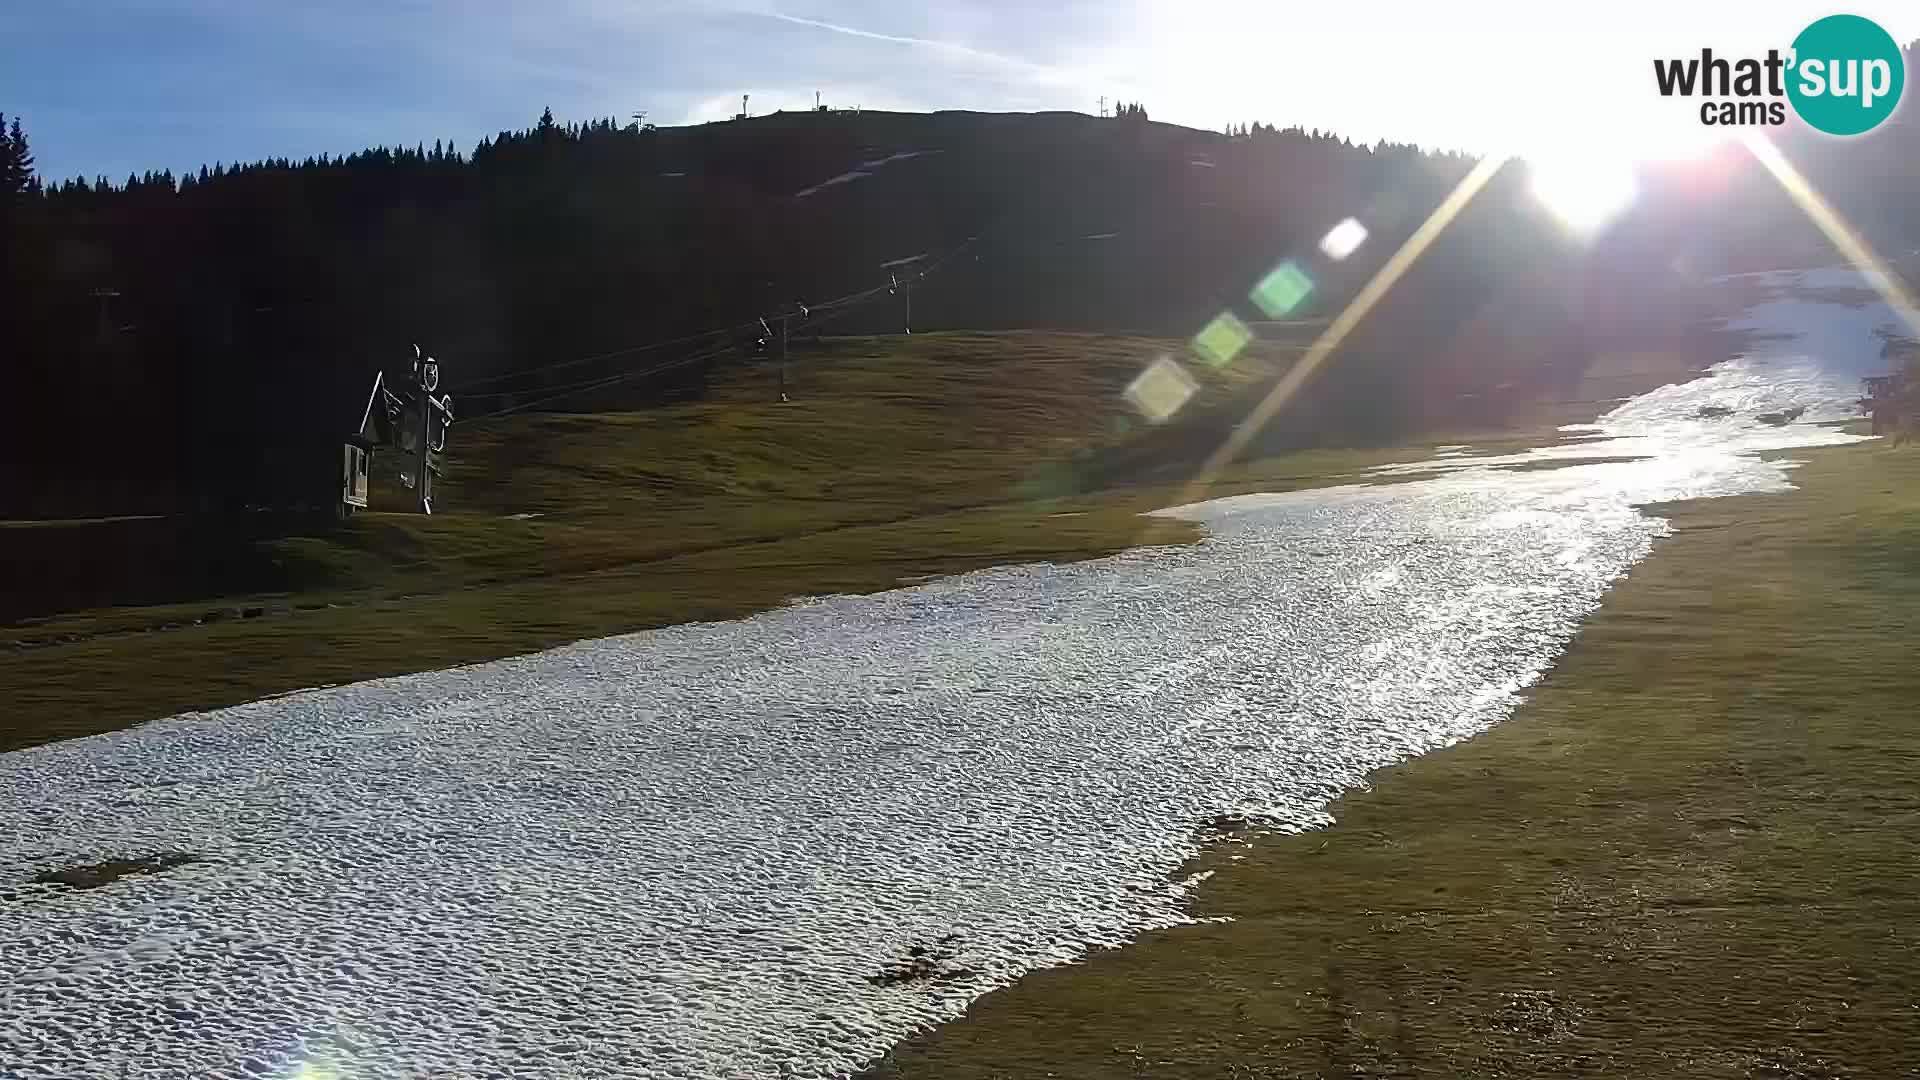 Estacion esqui Sorica camera en vivo